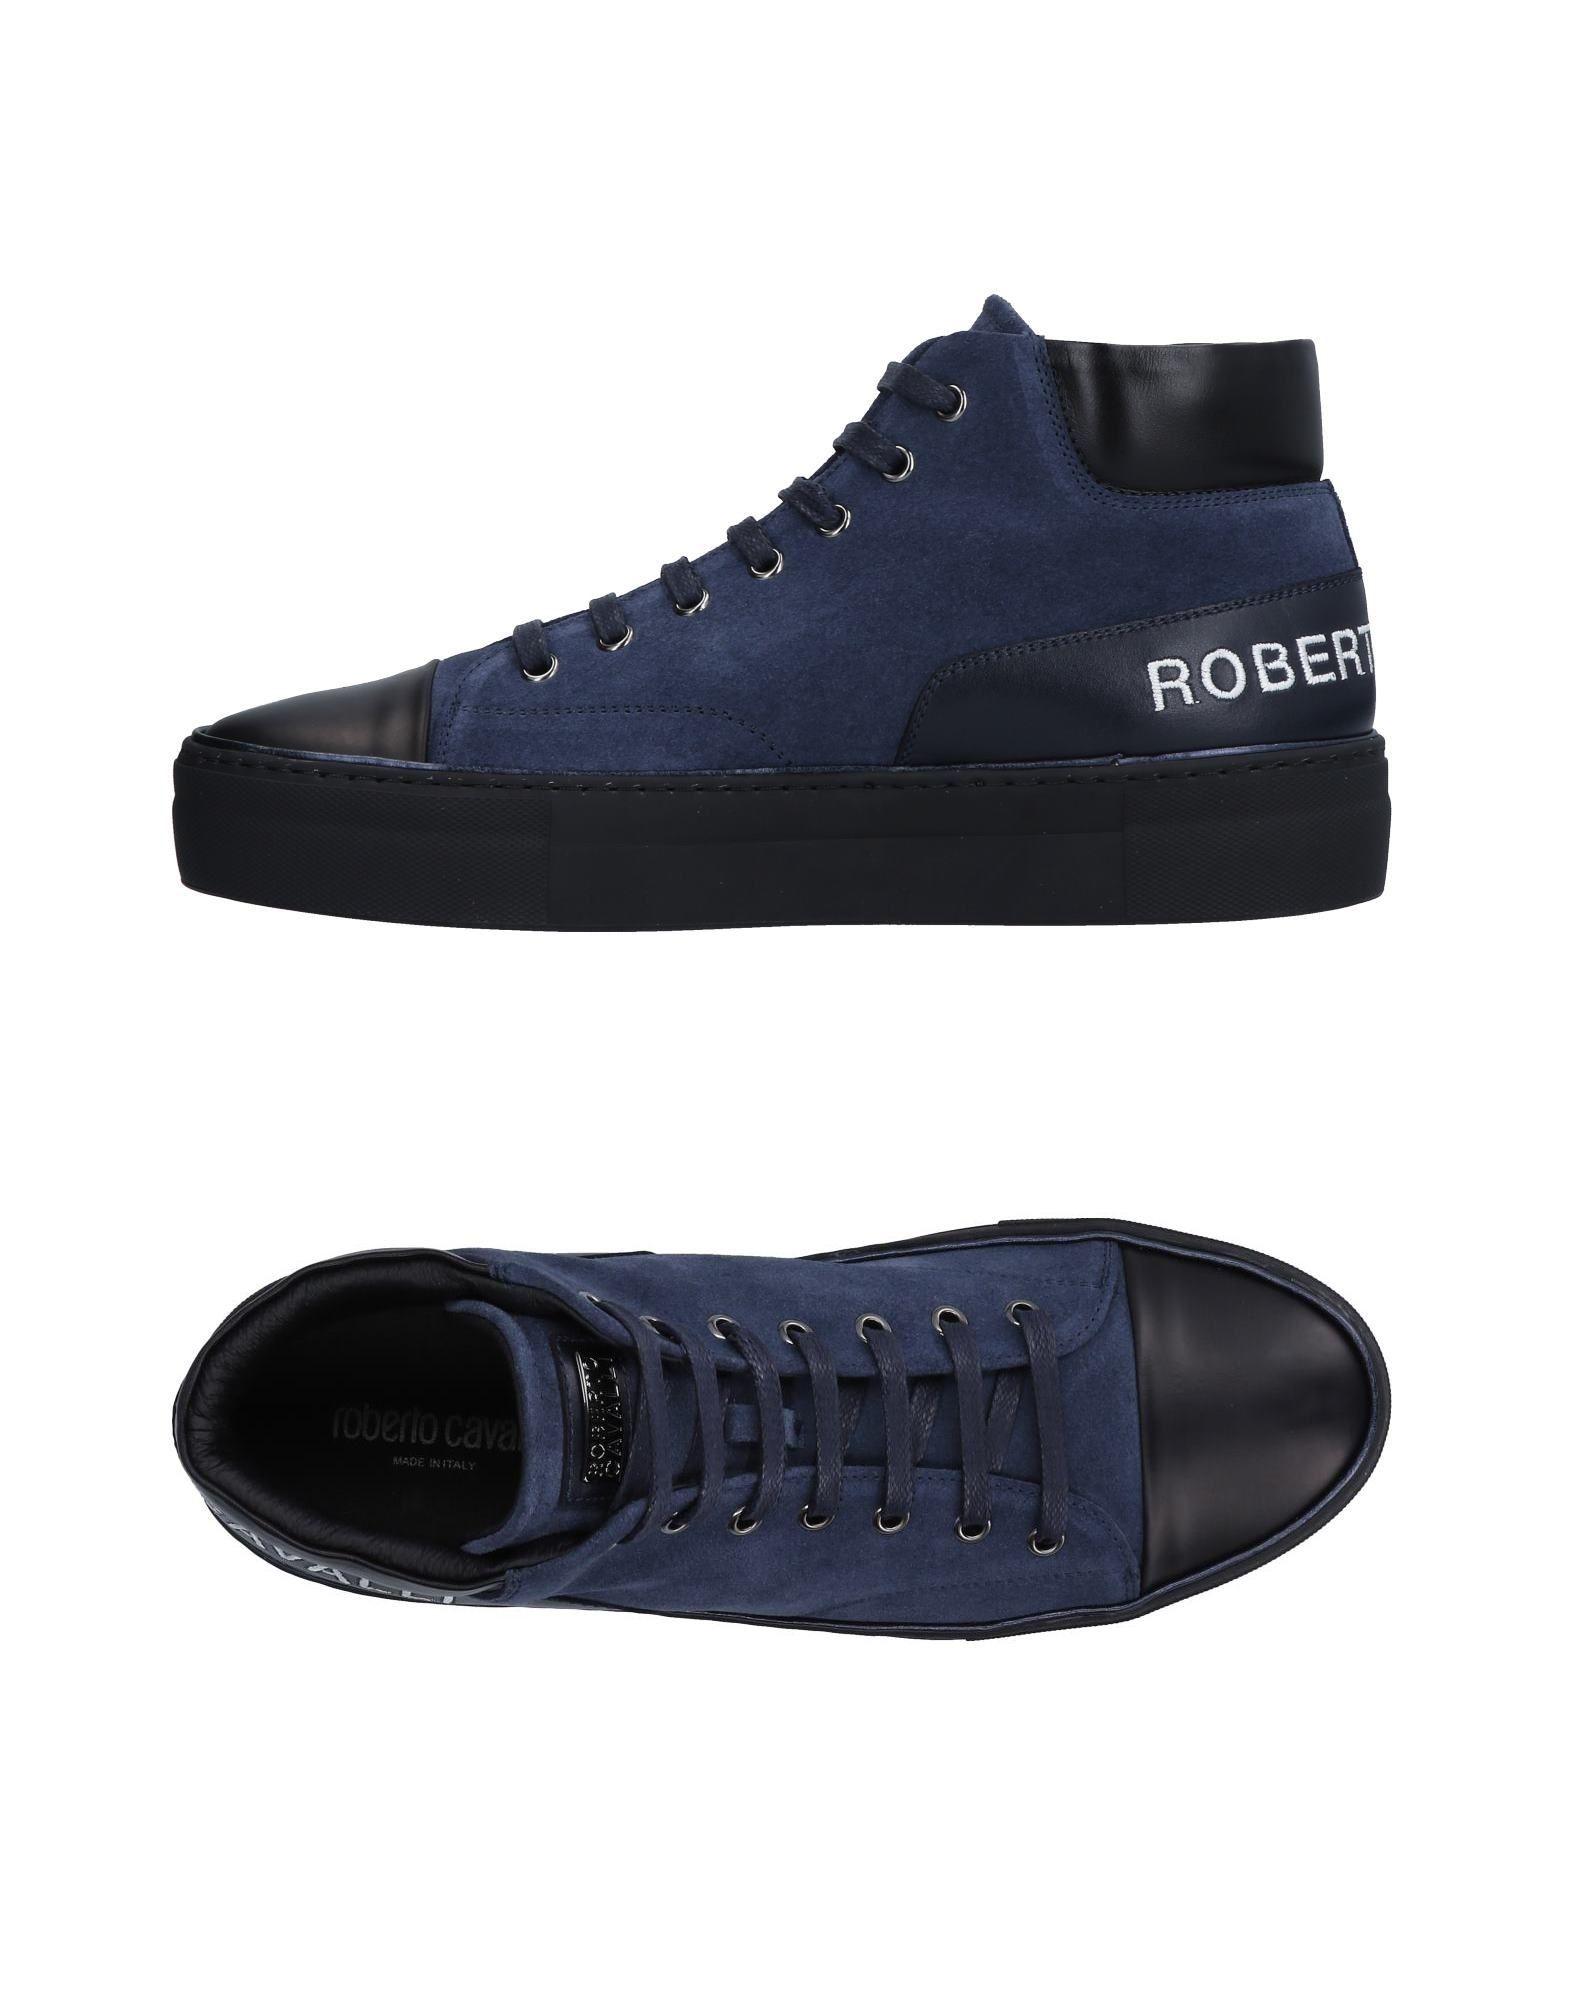 Roberto Cavalli Sneakers Herren  11517369KM Gute Qualität beliebte Schuhe